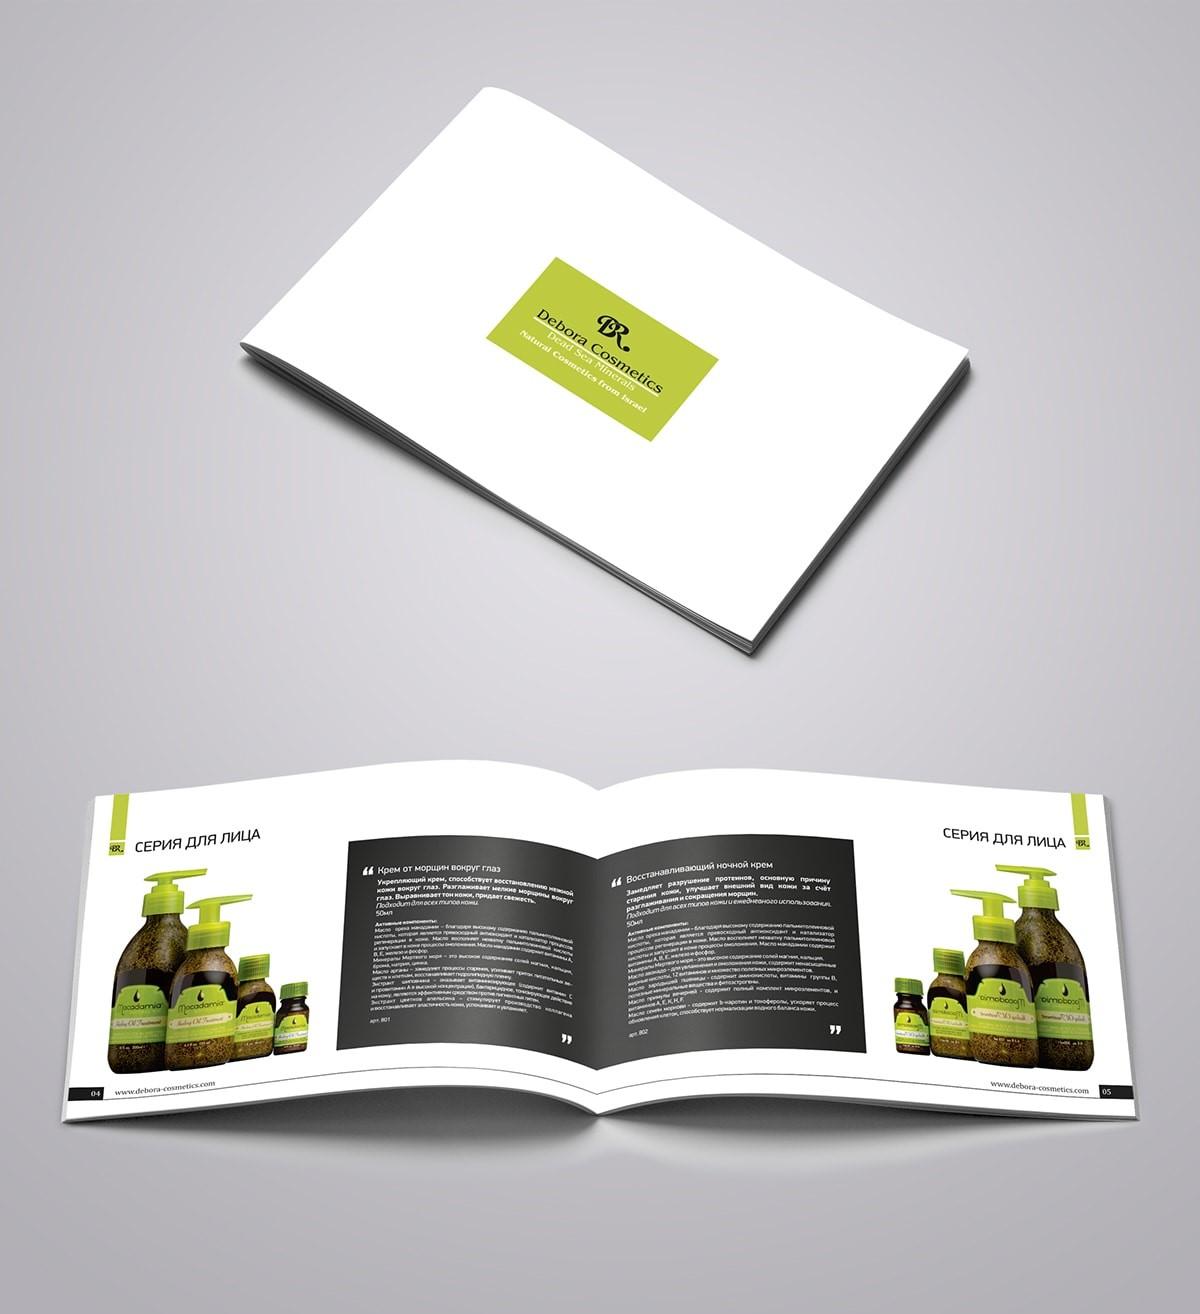 Печать каталога продукции в Москве | фото 4